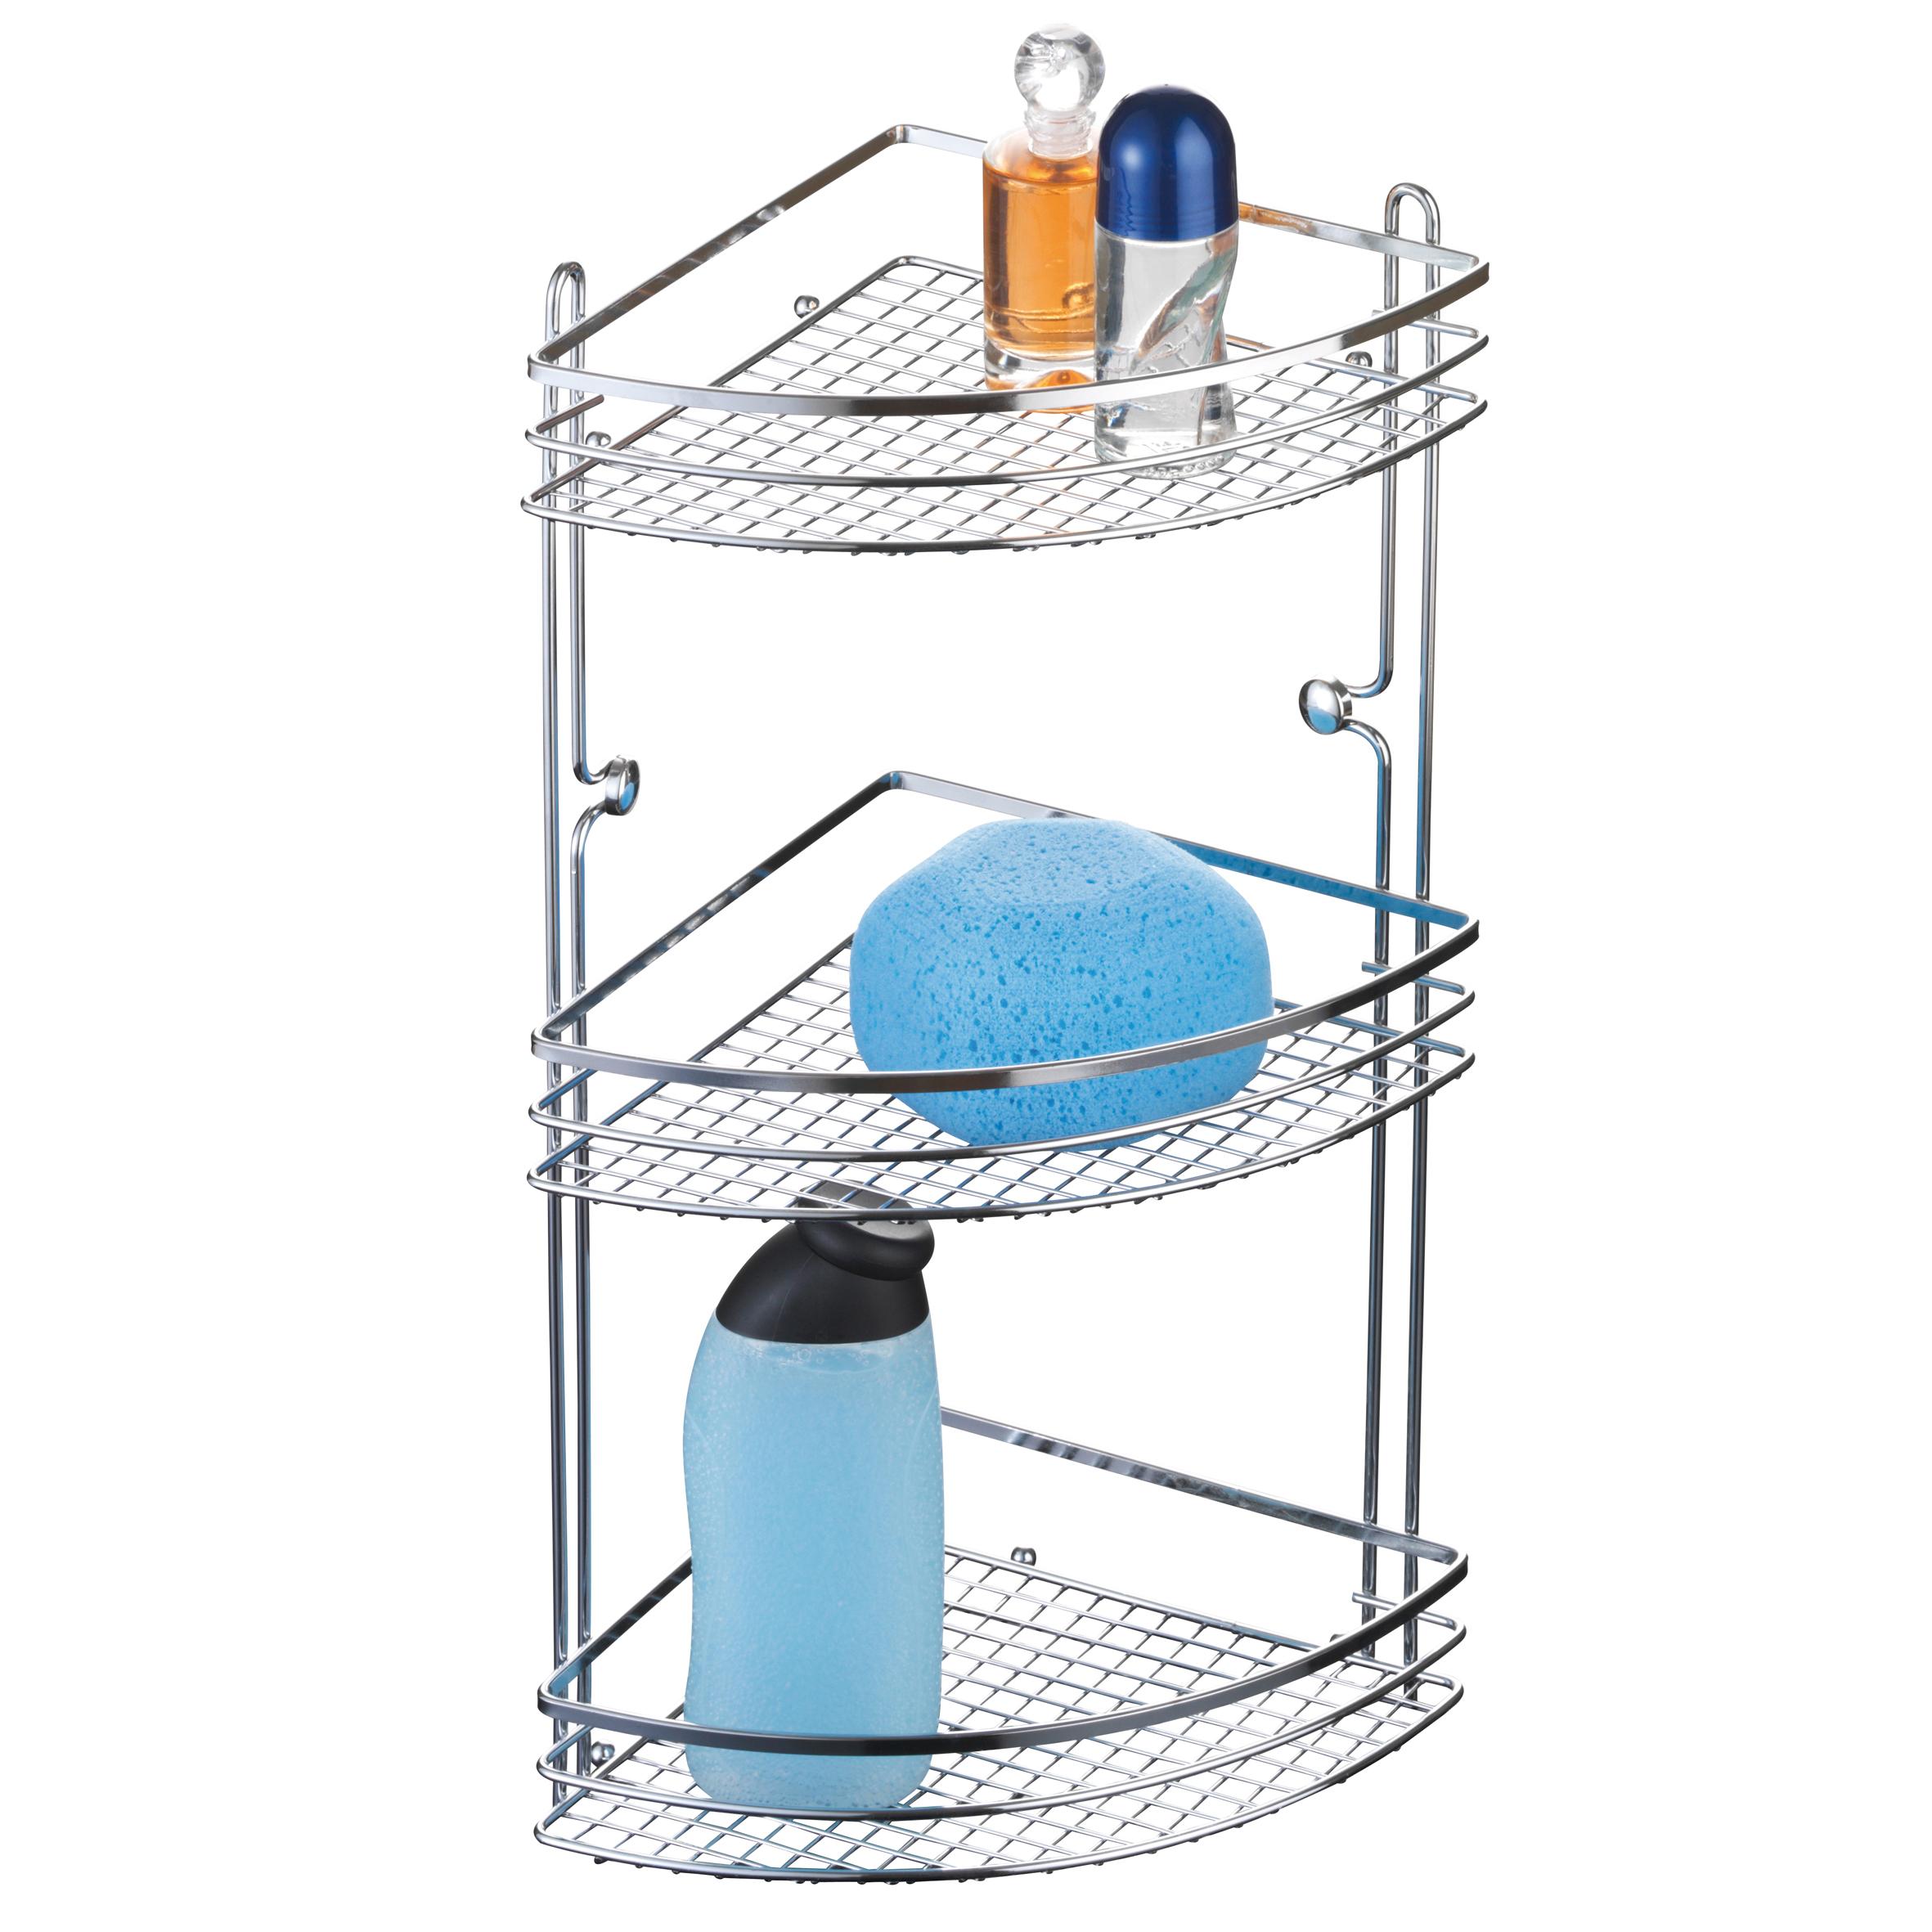 Полка для ванной Axentia Cassandra, угловая, трехъярусная, 20 х 28 х 46 см531-105Трехъярусная полка для ванной Axentia Cassandra изготовлена из стали с качественным хромированным покрытием, которое на долго защитит изделие от ржавчины в условиях высокой влажности в ванной комнате. Изделие крепится на стену с помощью шурупов (входят в комплект). Классический дизайн и оптимальная вместимость подойдет для любого интерьера ванной комнаты или кухни.Размер полки: 20 х 28 х 46 см.